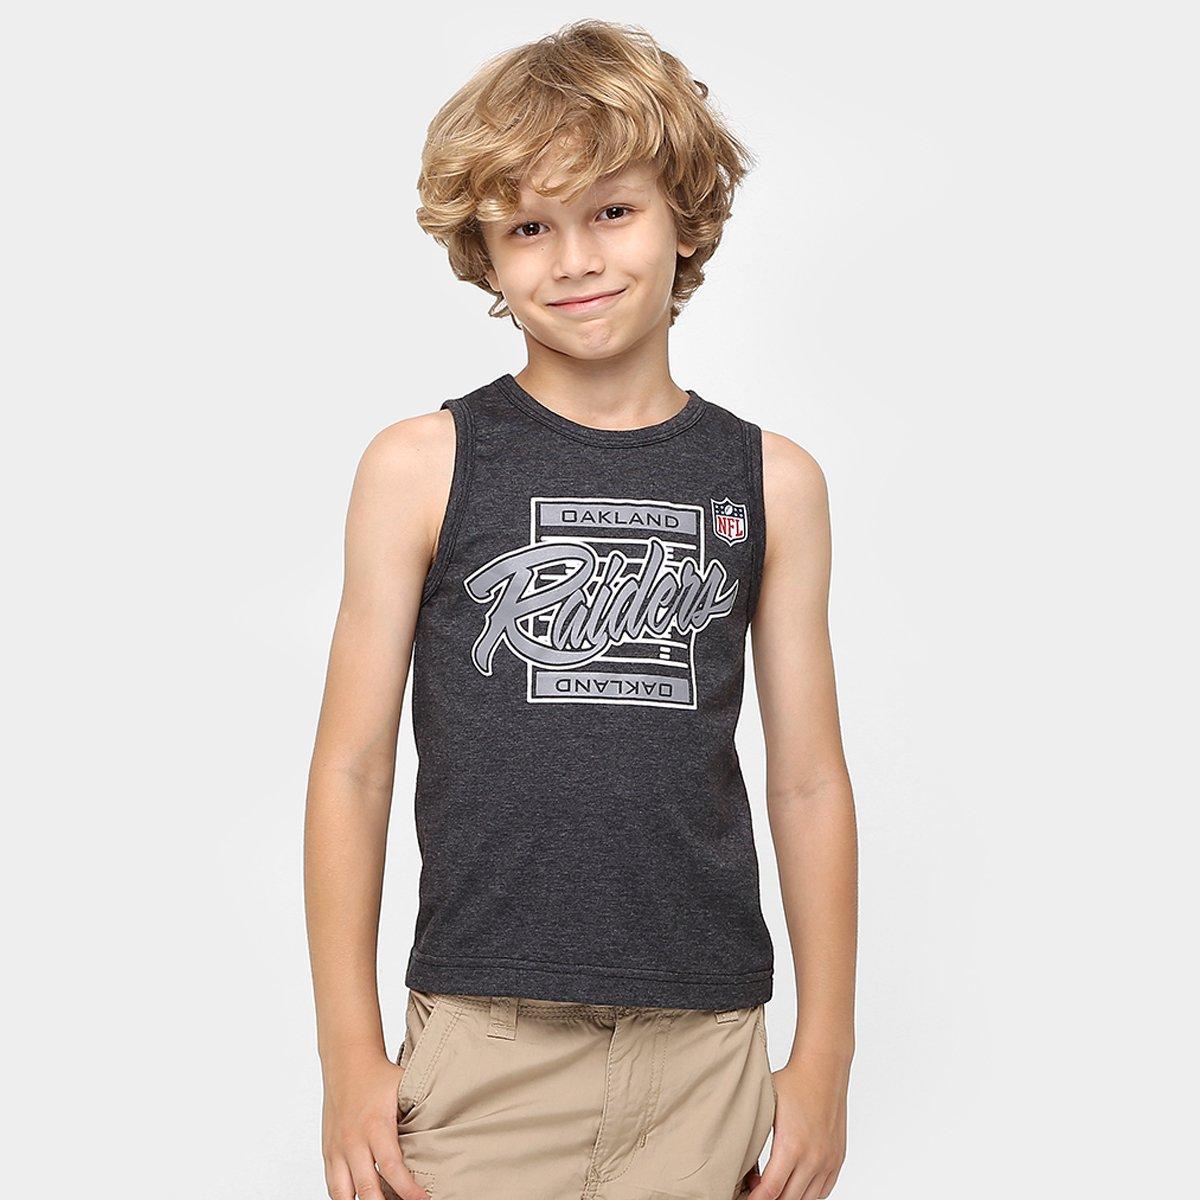 e38a6726d2e44 Camiseta Regata New Era NFL Yards Oakland Raiders Infantil - Compre Agora